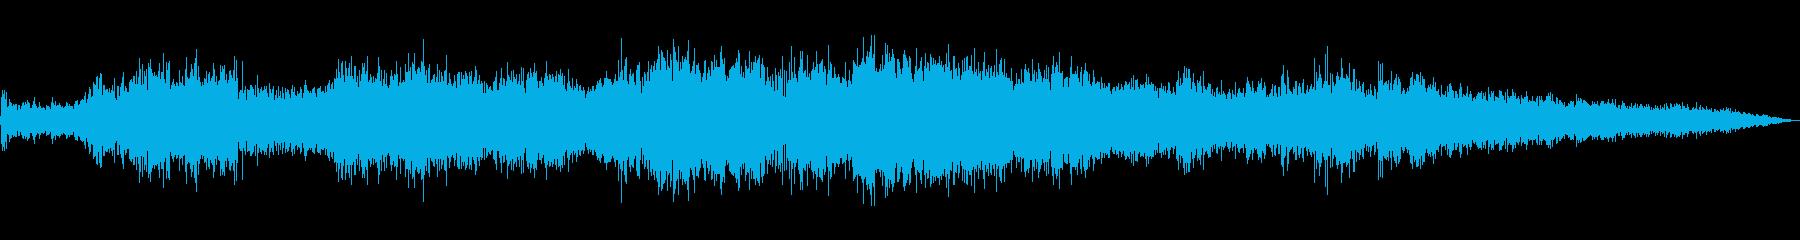 木を揺らす暴風雨(強風、豪雨、木)の再生済みの波形